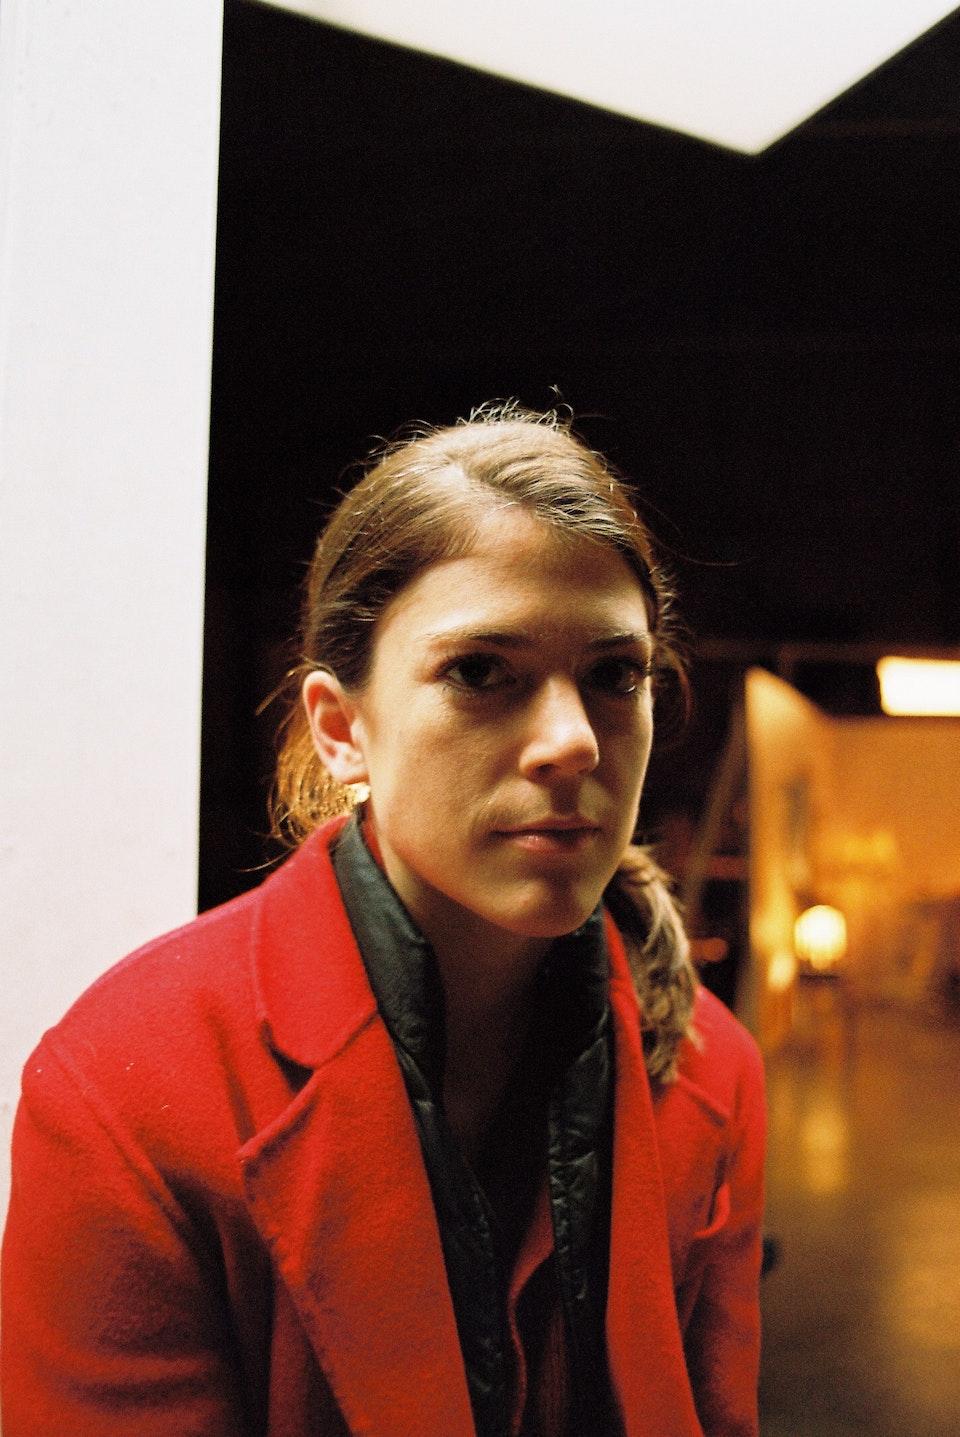 35mm Portraiture